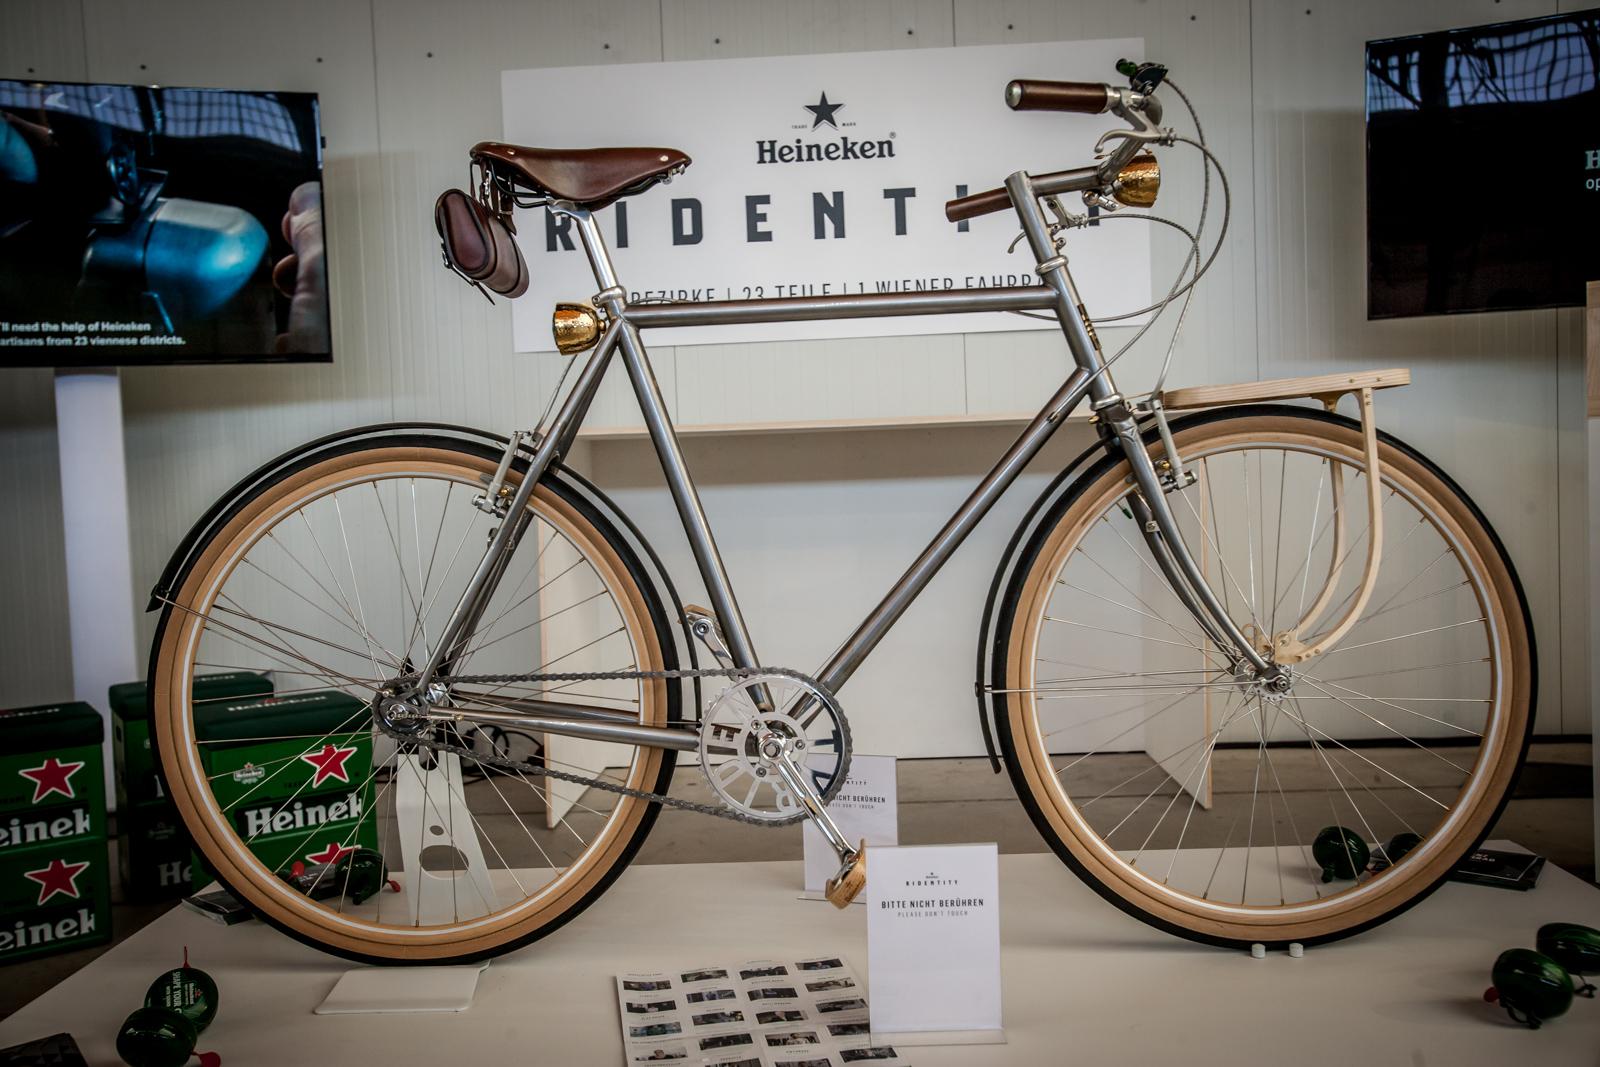 Ein echter Wiener: Heineken Ridentity, initiiert von Grafik-Designer Oliver Toman, fahrbar gemacht von Daniel Reinhartz.